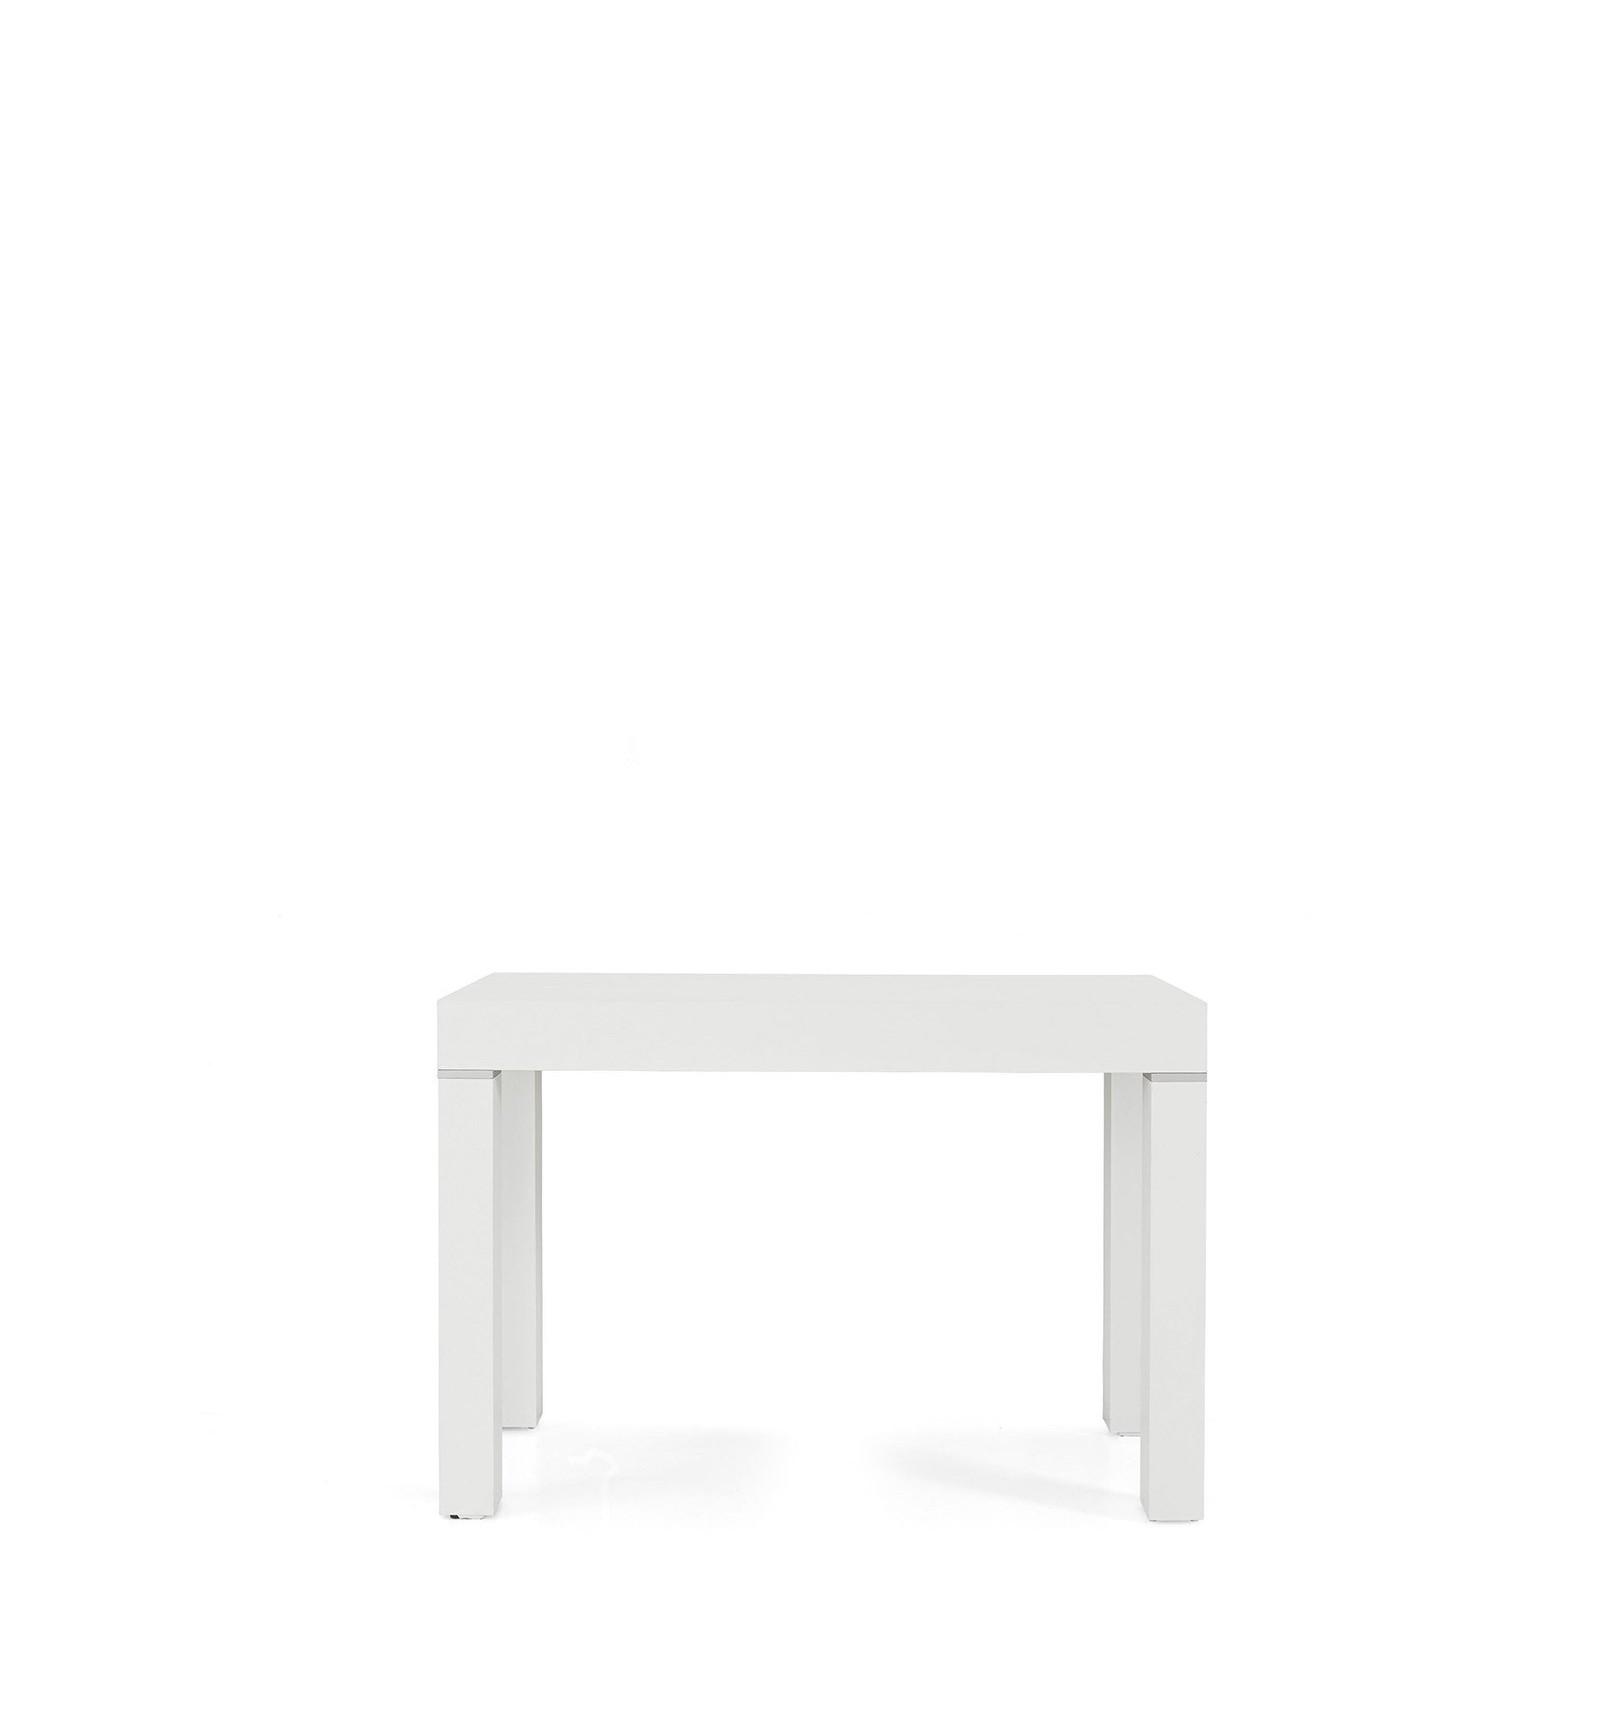 Tavolo Allungabile Consolle Scrigno.Consolle Rettangolare Allungabile Bianco Frassinato 50 300 W600 M